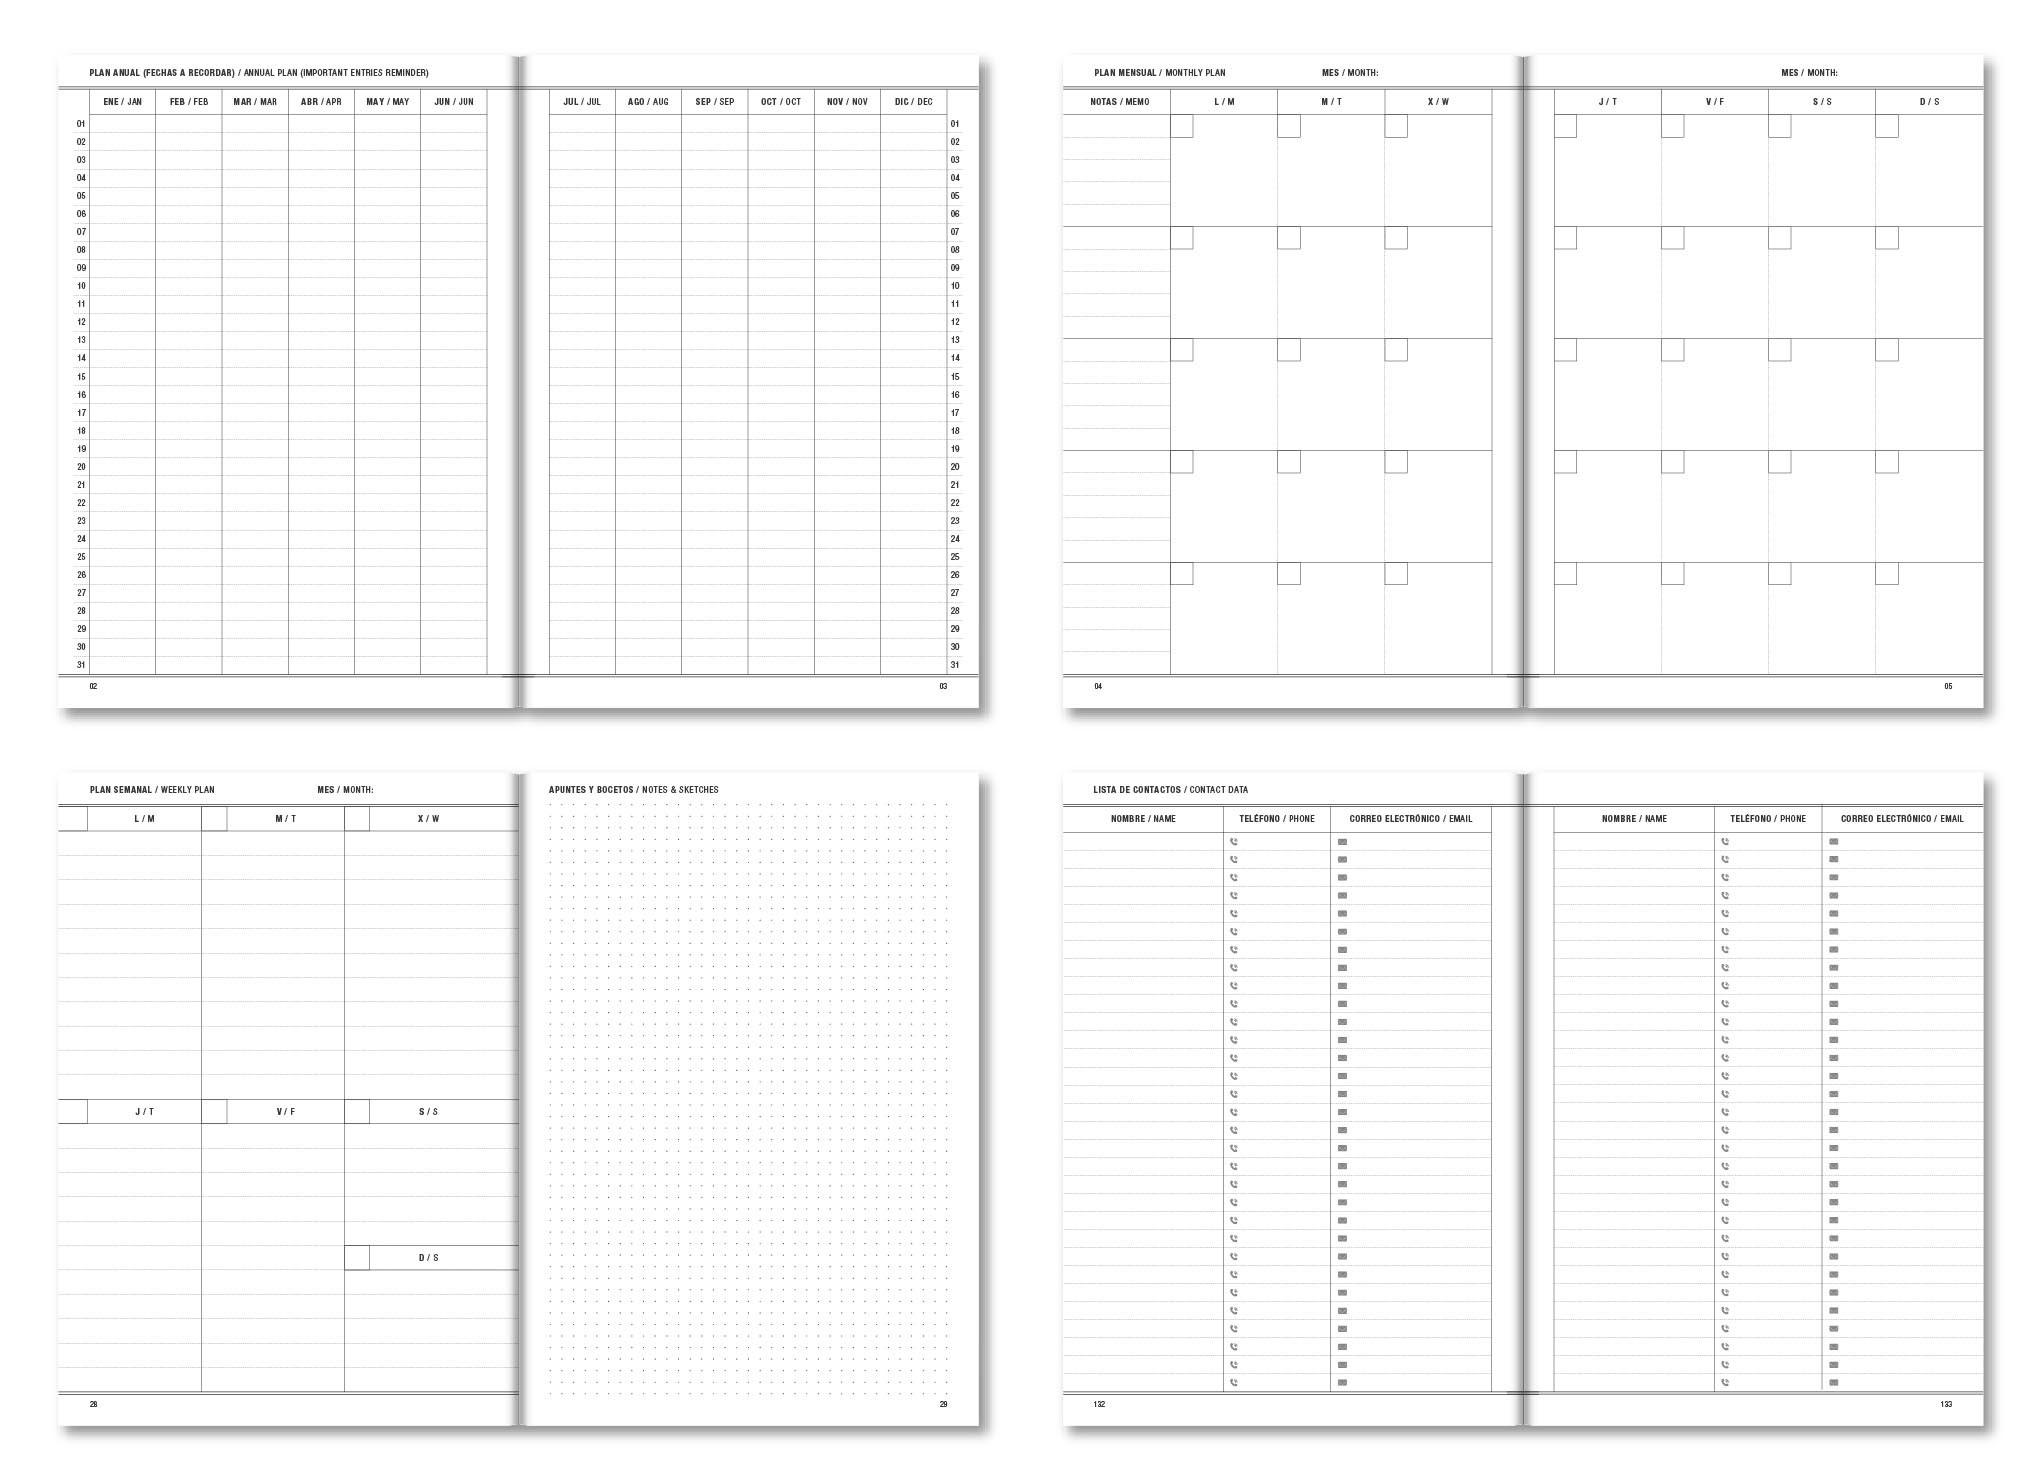 Contamos ya con varias estructuras predise±adas para fechas cerradas o el calendario académico 2018